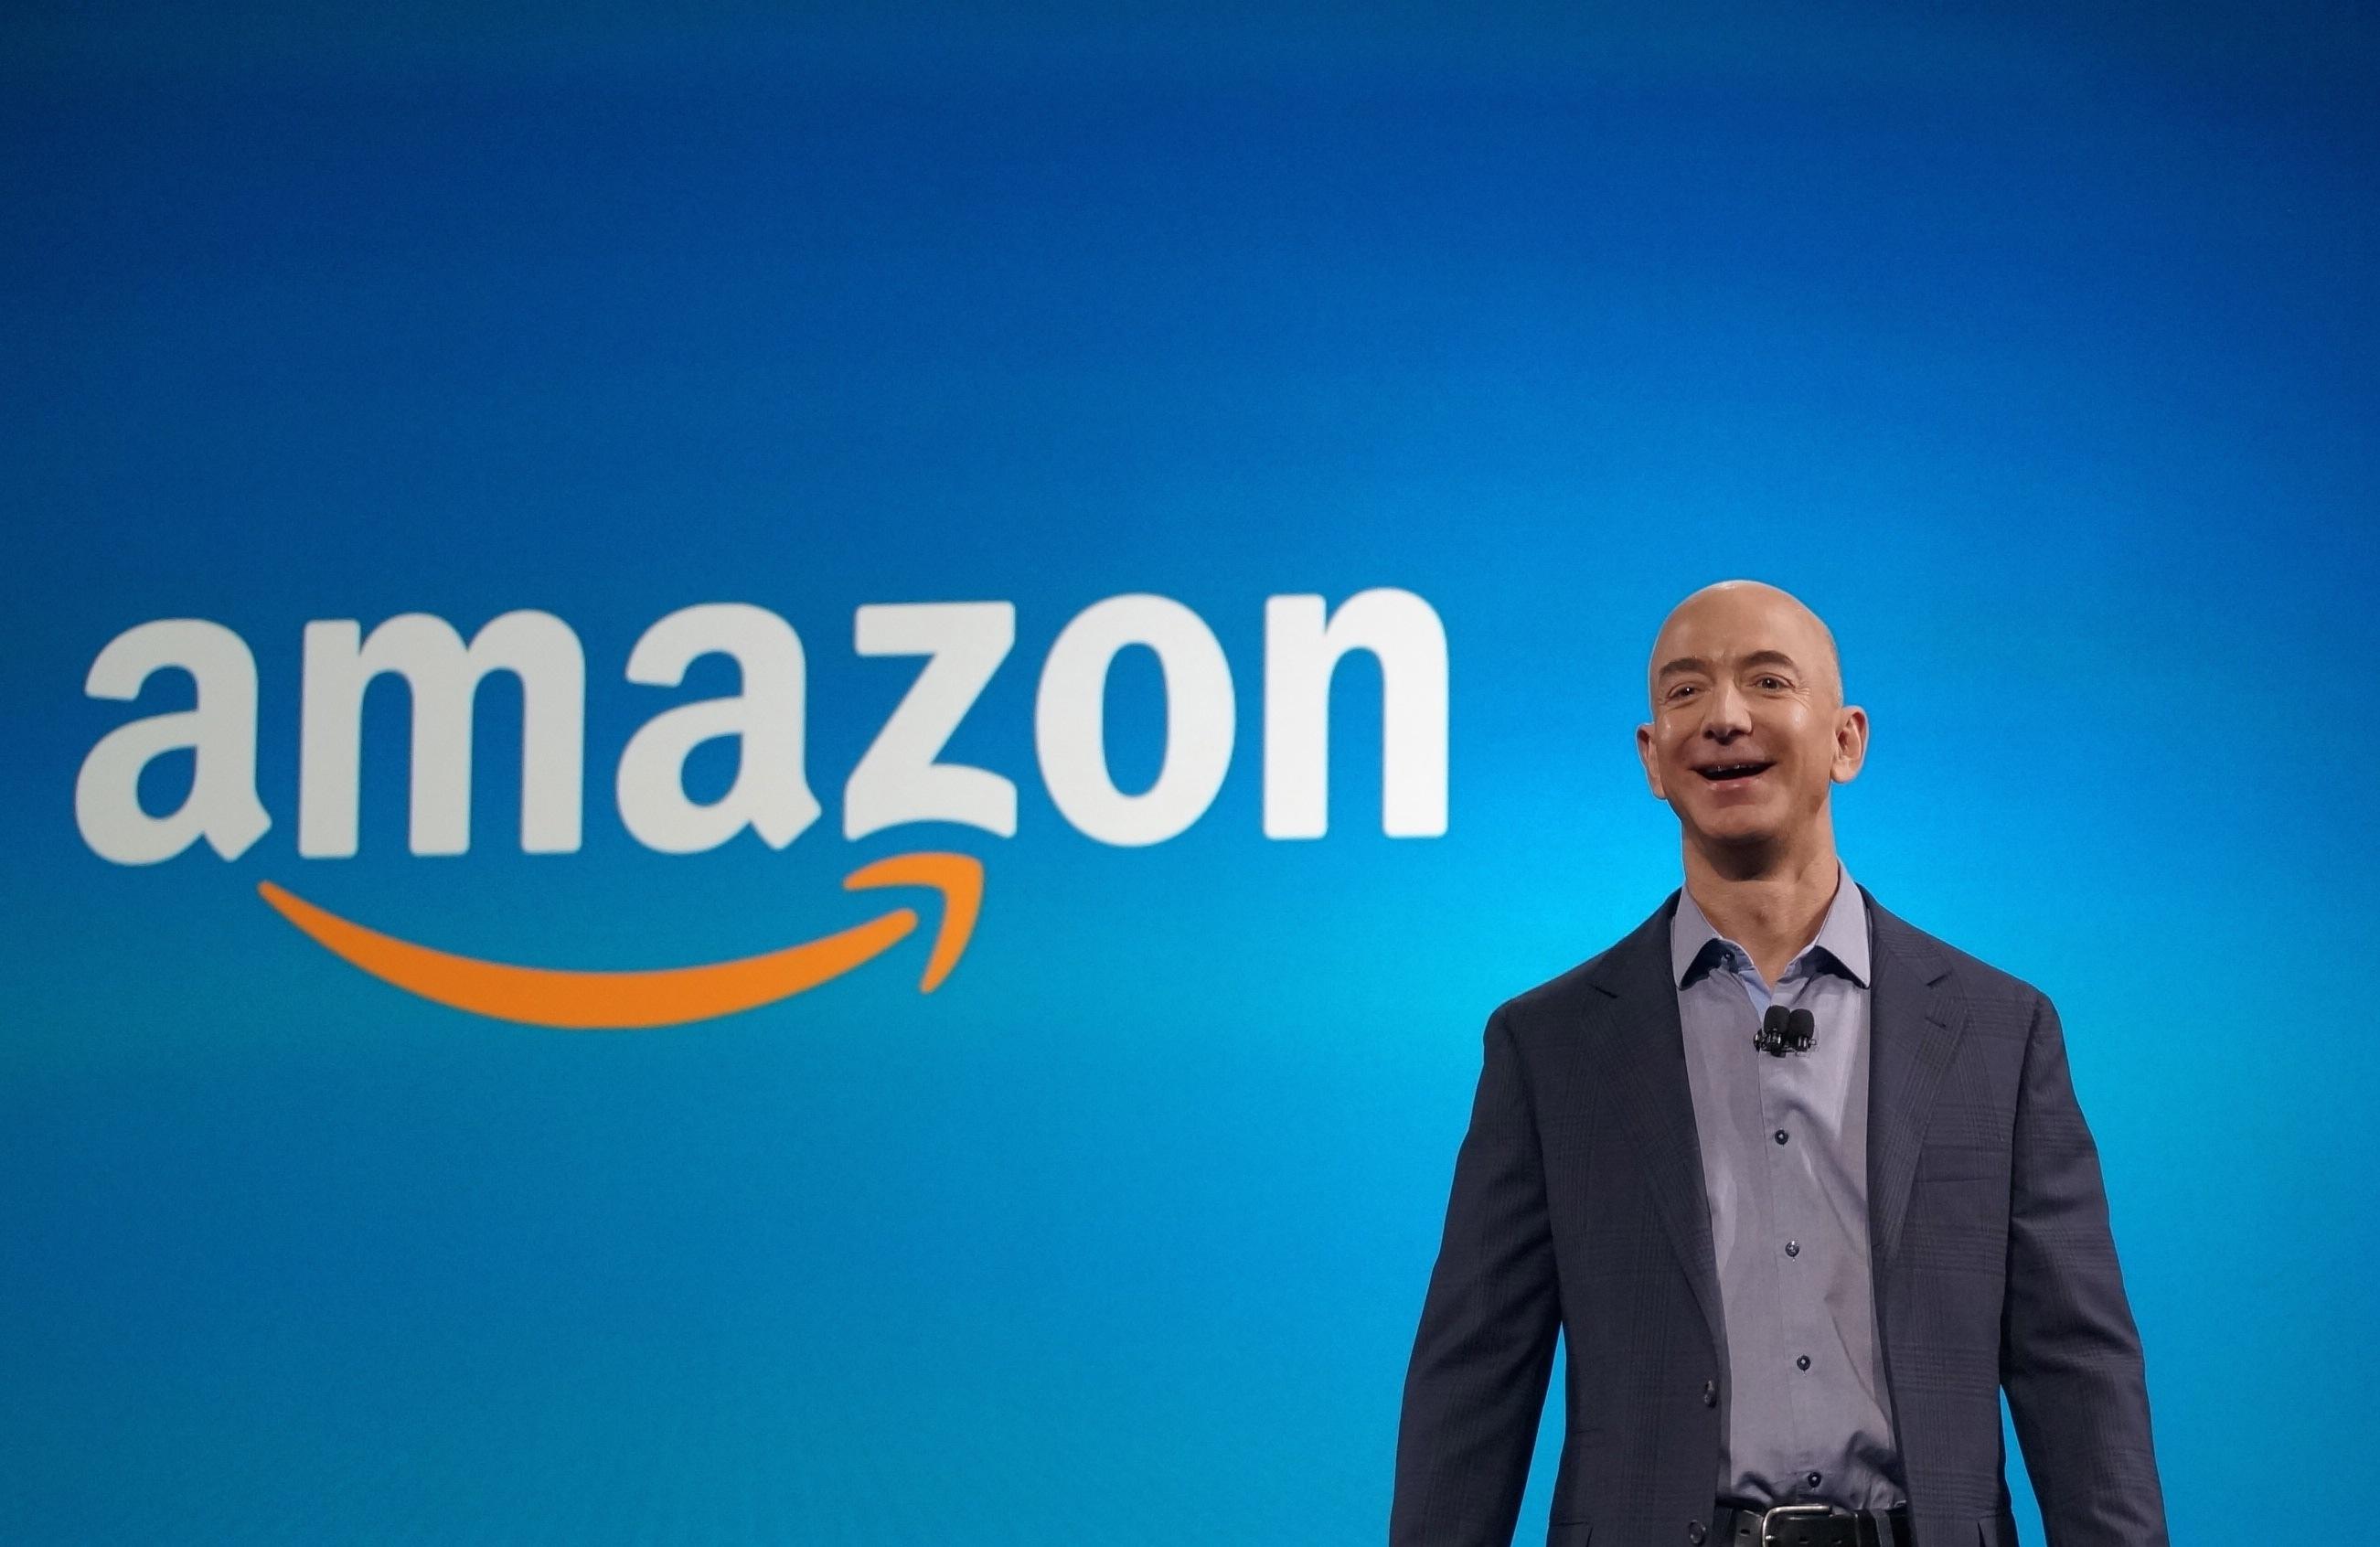 Jeff Bezos N°4 de los 35 hombres más ricos del mundo 2017 lista Forbes completa actualizada